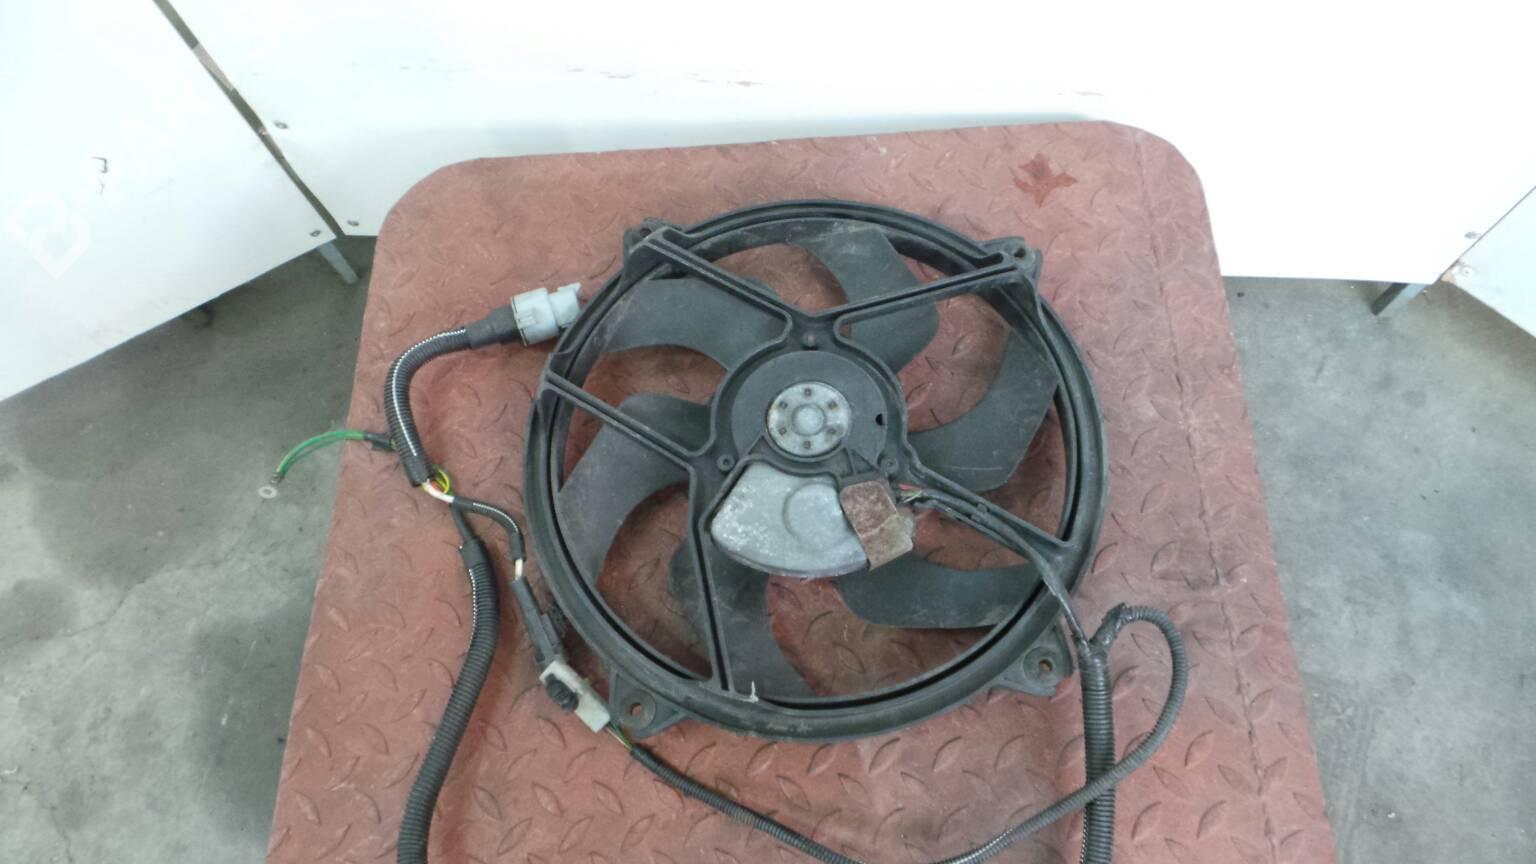 Handbrake Brake Cable O//S Peugeot 406 1.8 2.0 Turbo 2.1 2.2 TD 3.0 96-04